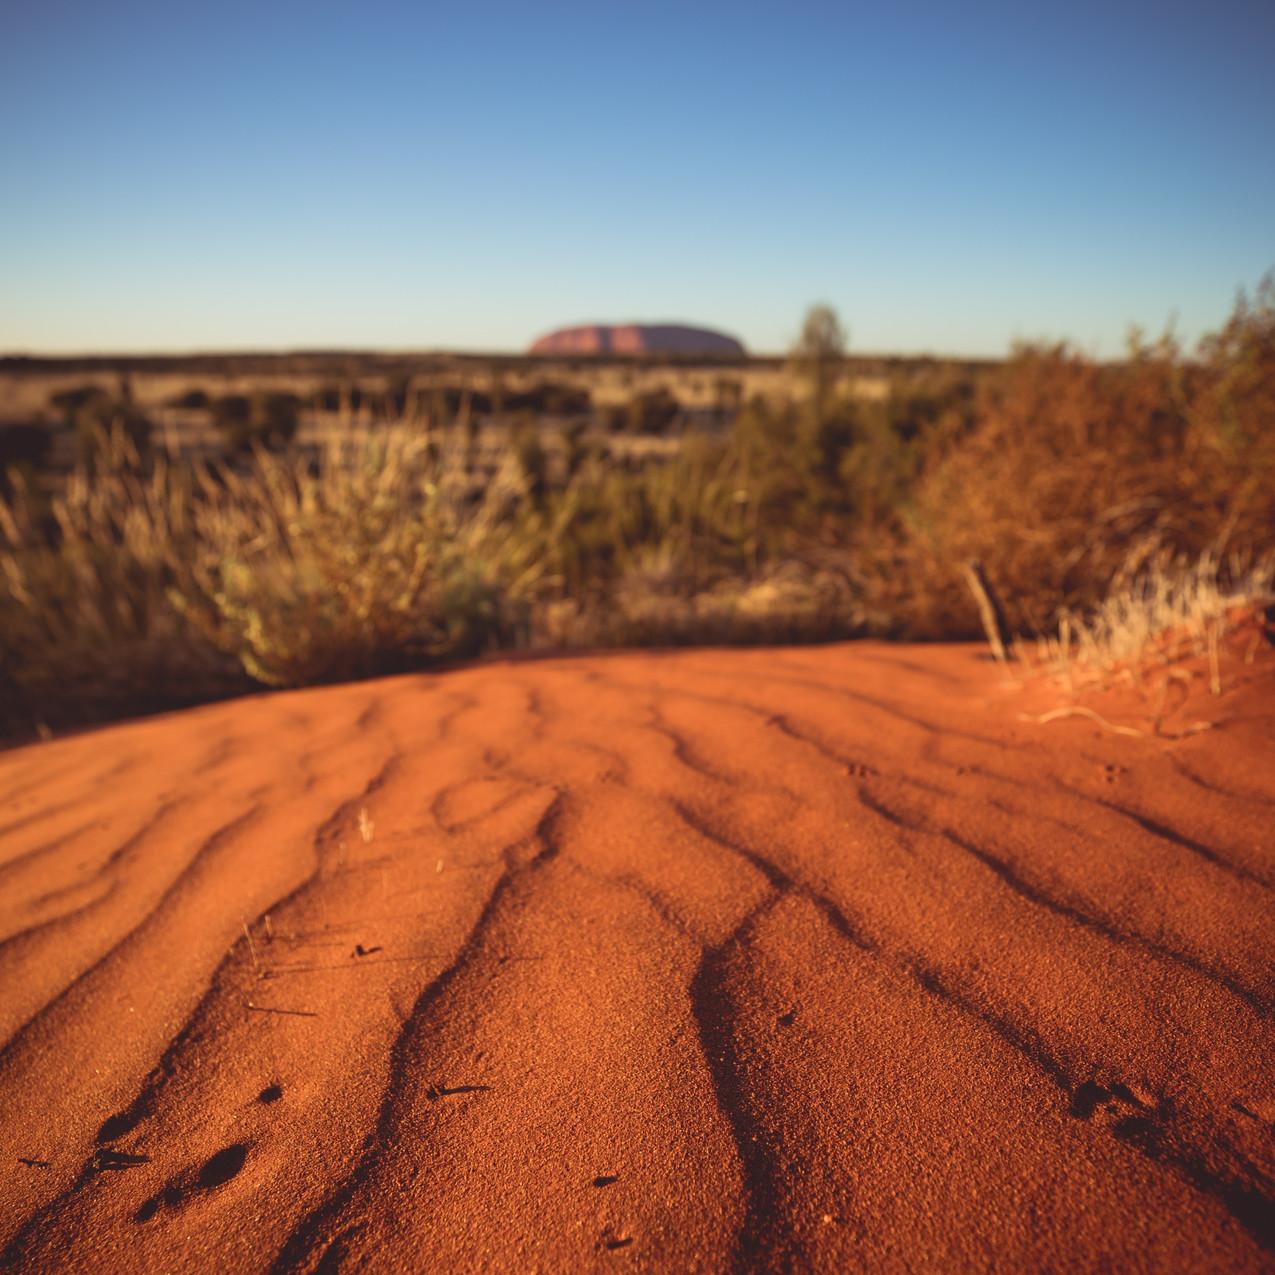 Dunes in the Uluru Landscape